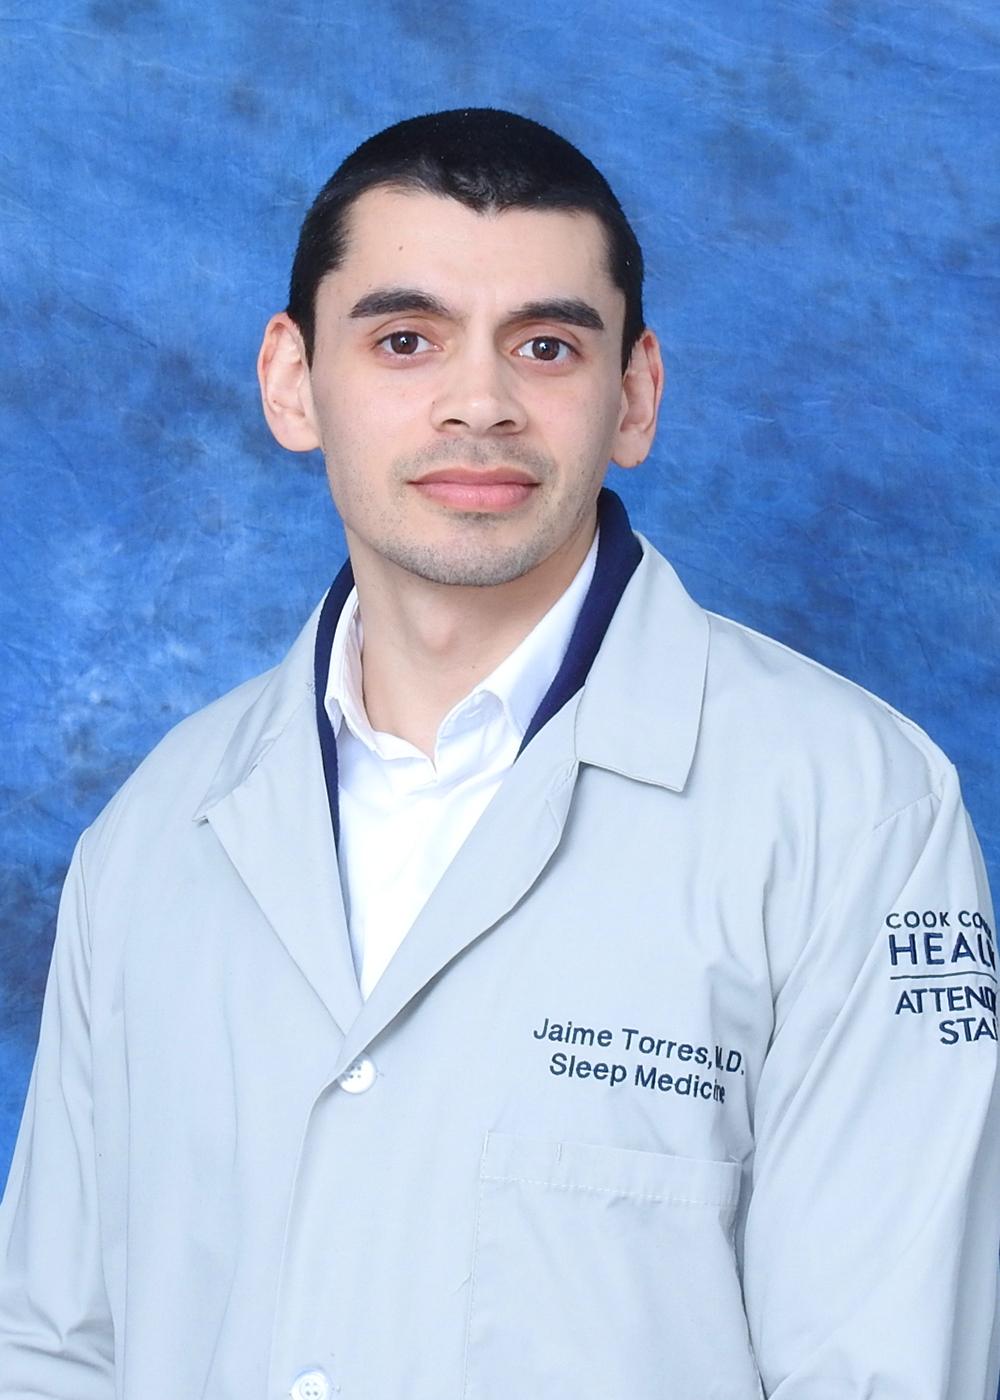 Jaime Torres, MD